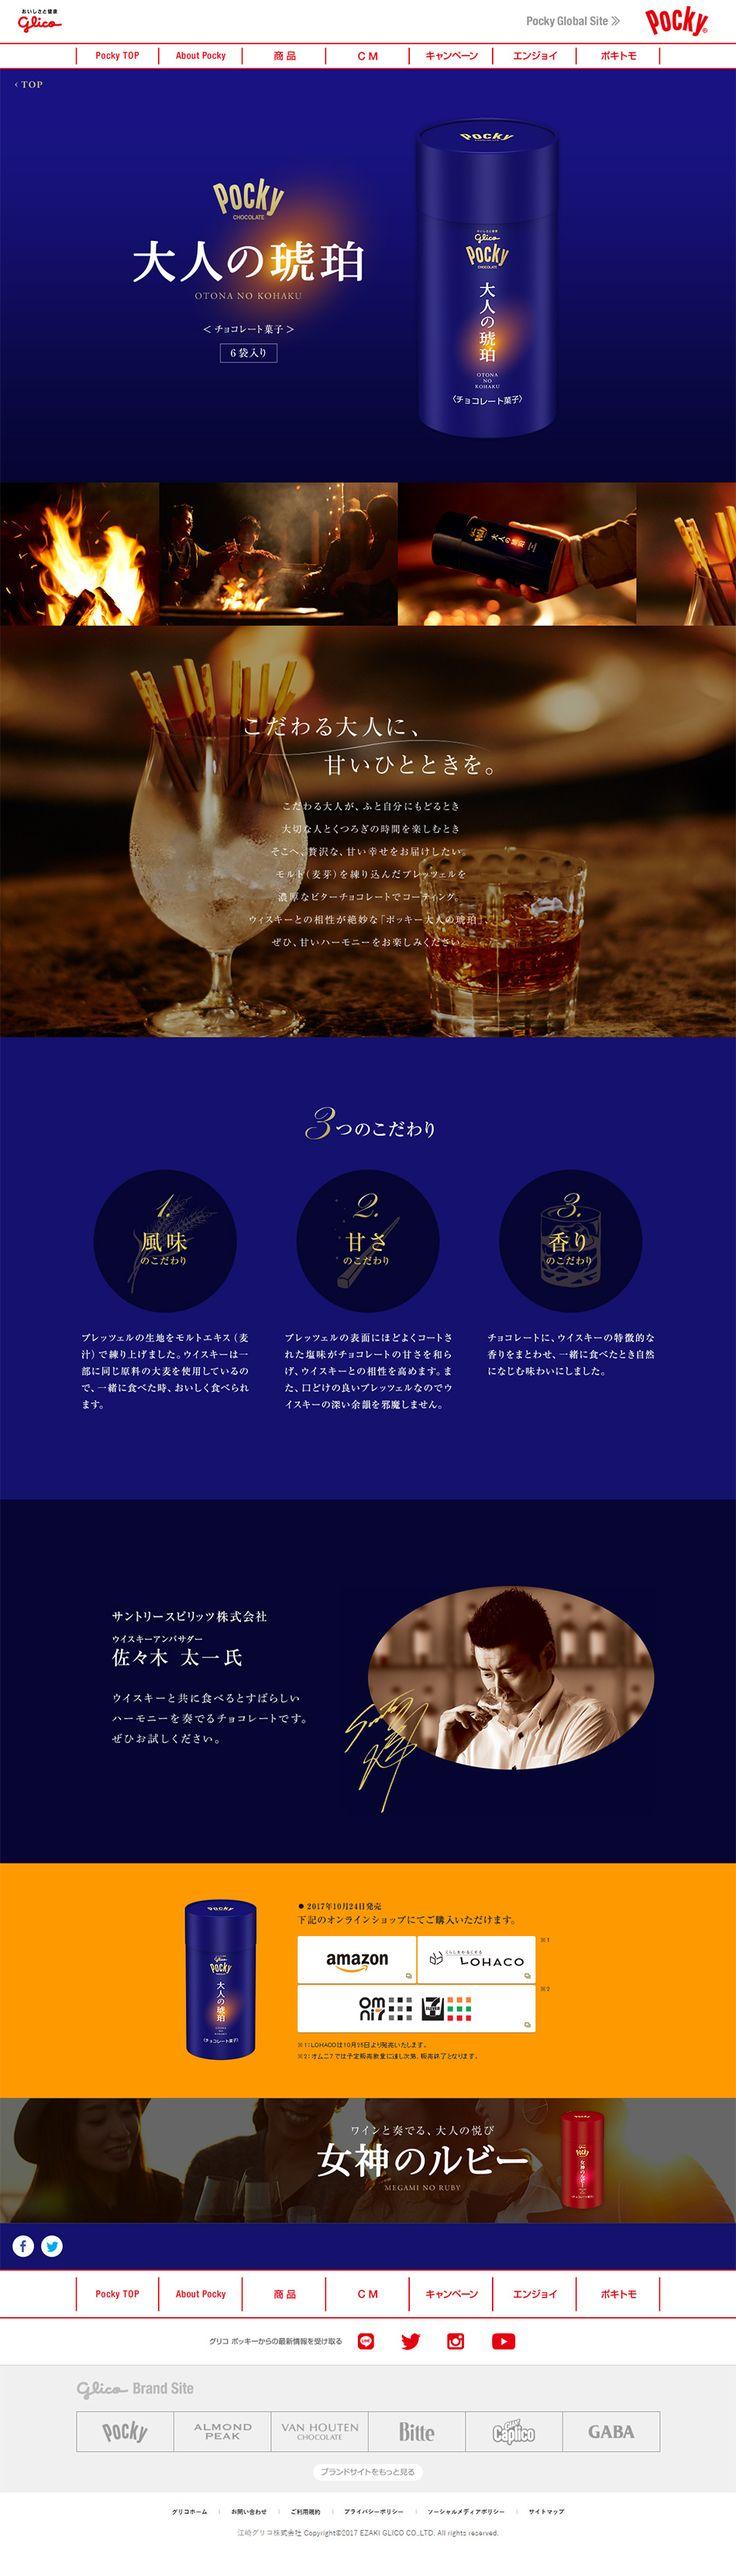 江崎グリコ株式会社様の「大人の琥珀」のランディングページ(LP)高級・リッチ・セレブ系|スイーツ・スナック菓子